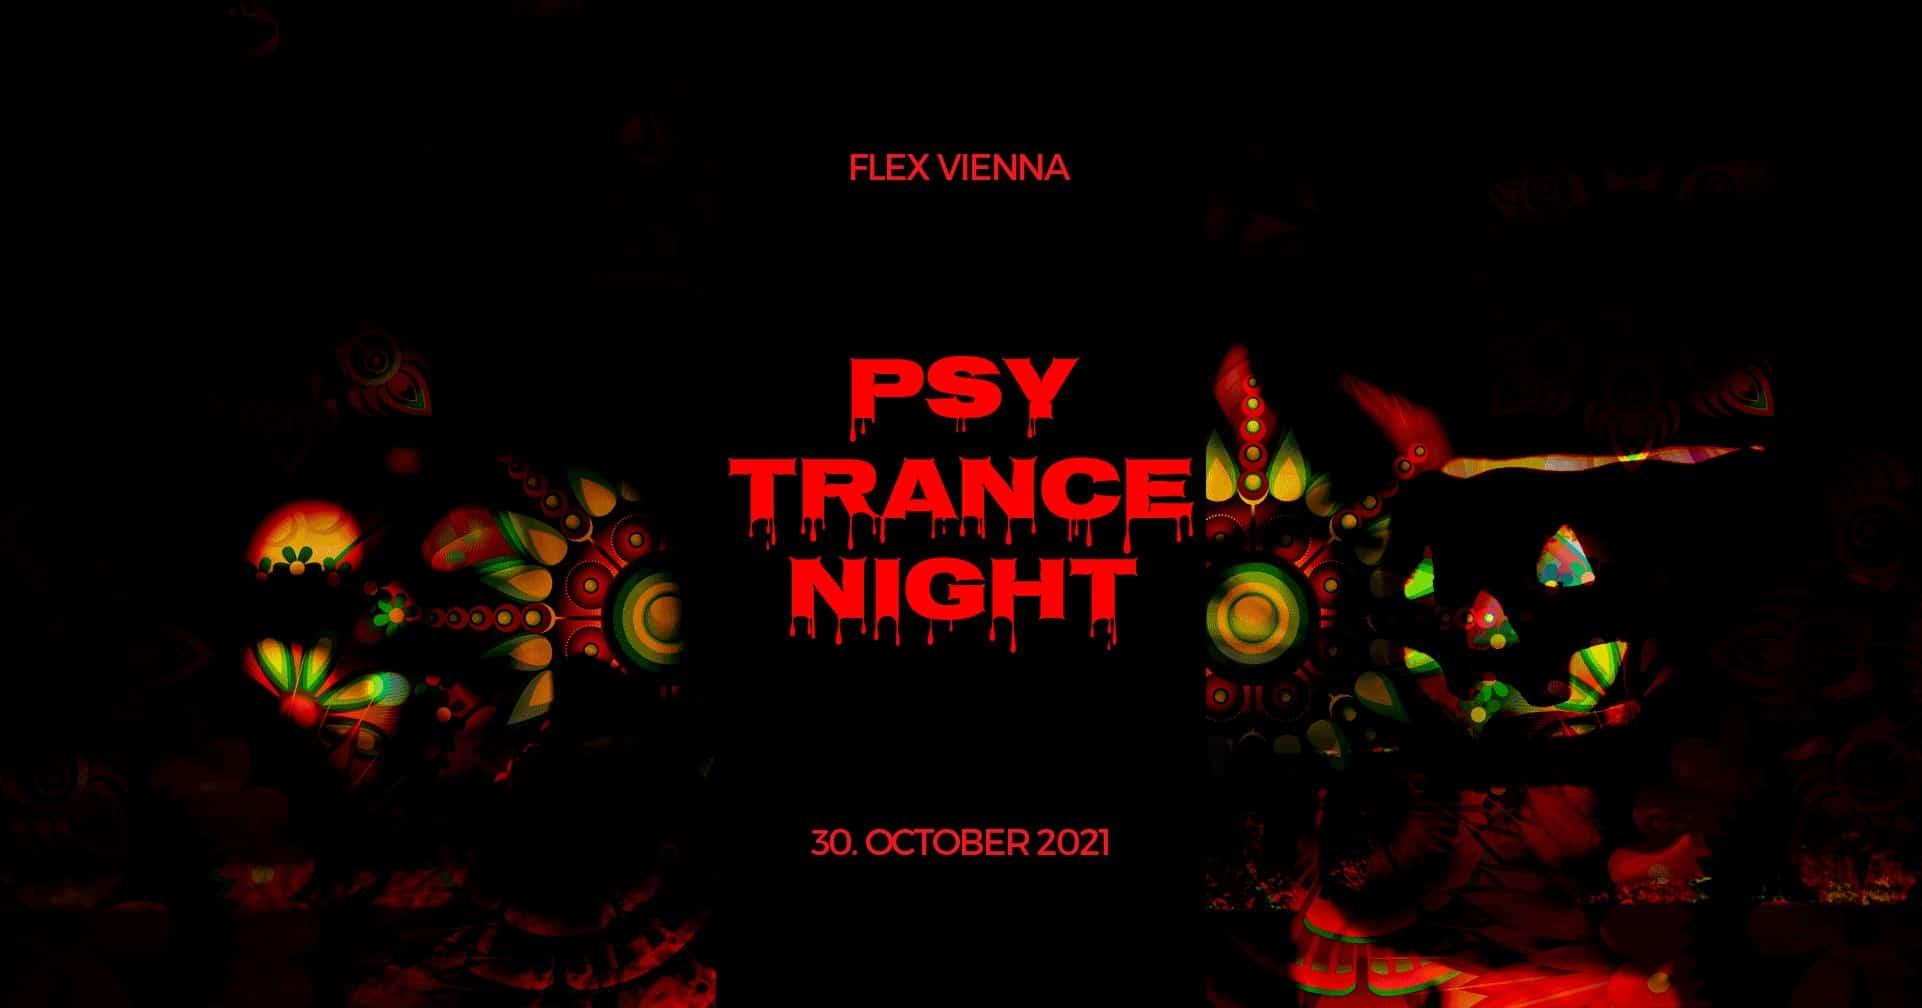 Events Wien: PSYTRANCE NIGHT